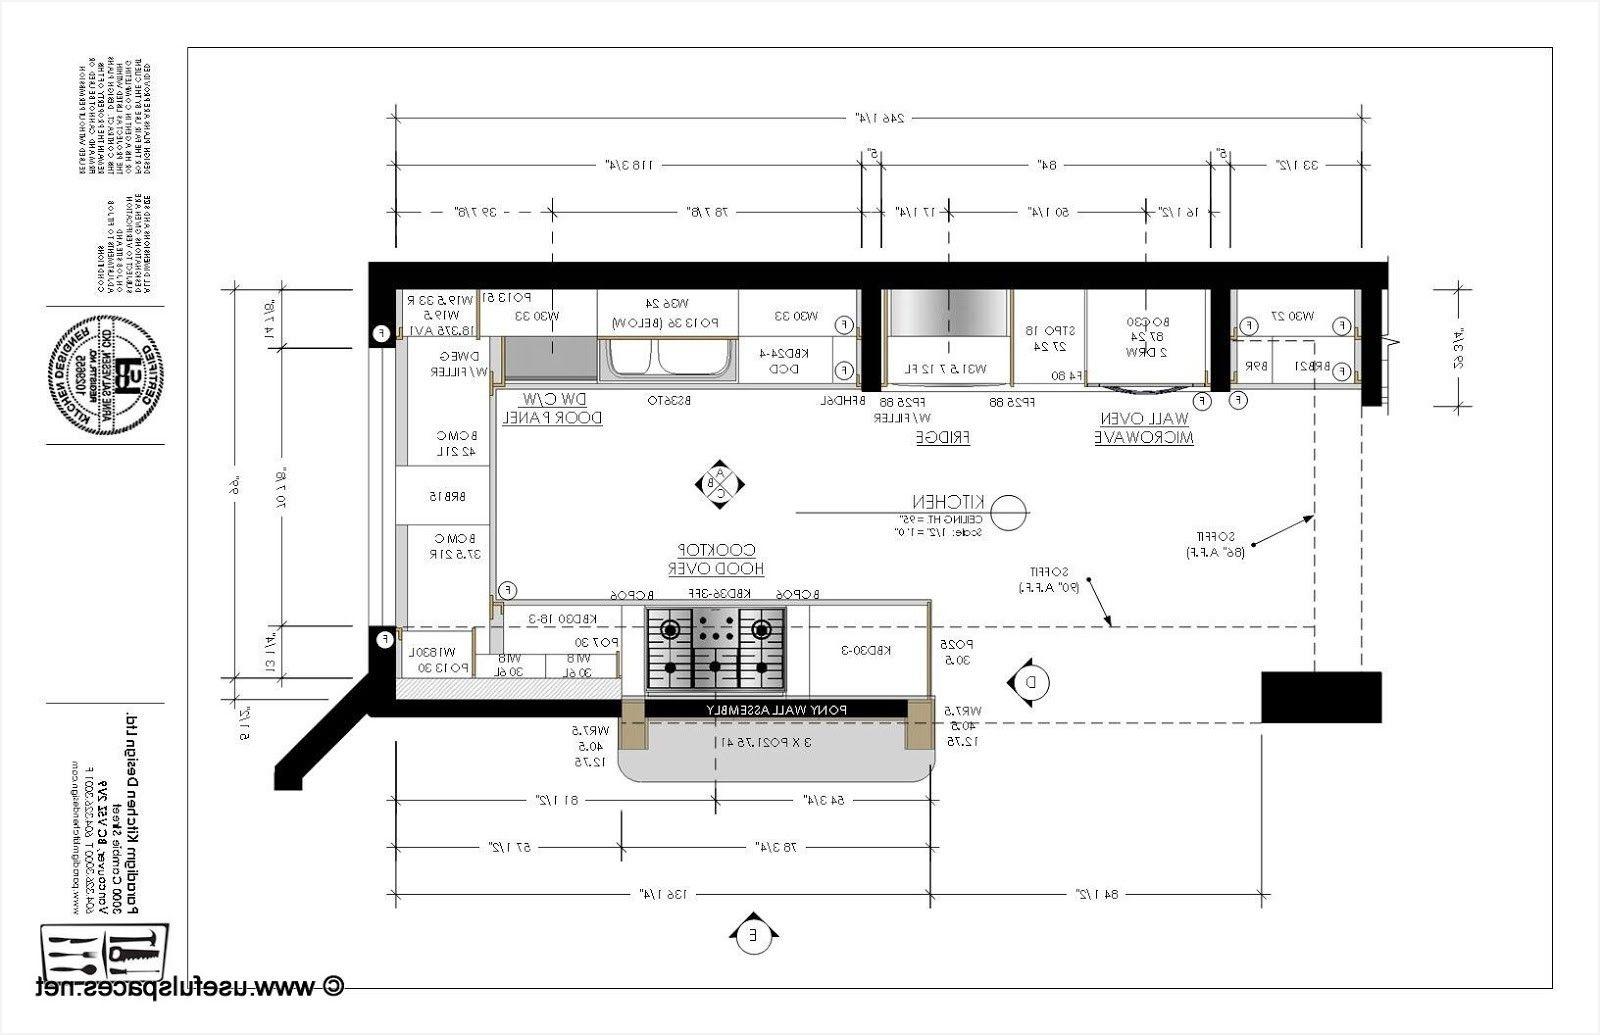 hight resolution of small restaurant kitchen layout awesome restaurant layout templates kitchen restaurant design